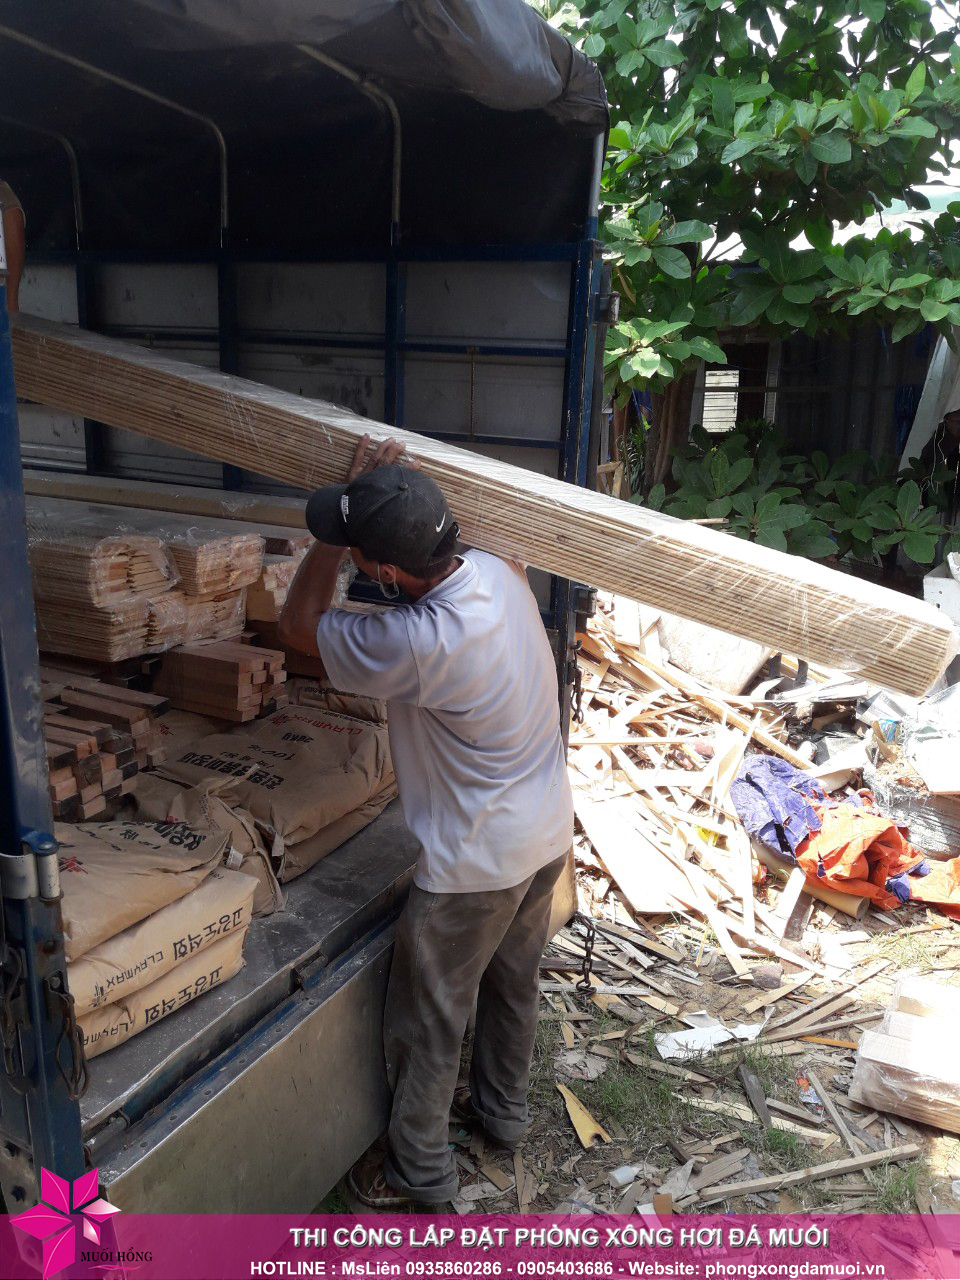 chuyến xe chở nguyên vật liệu công trình spa jjimjilbang cẩm phả đã lăn bánh 5